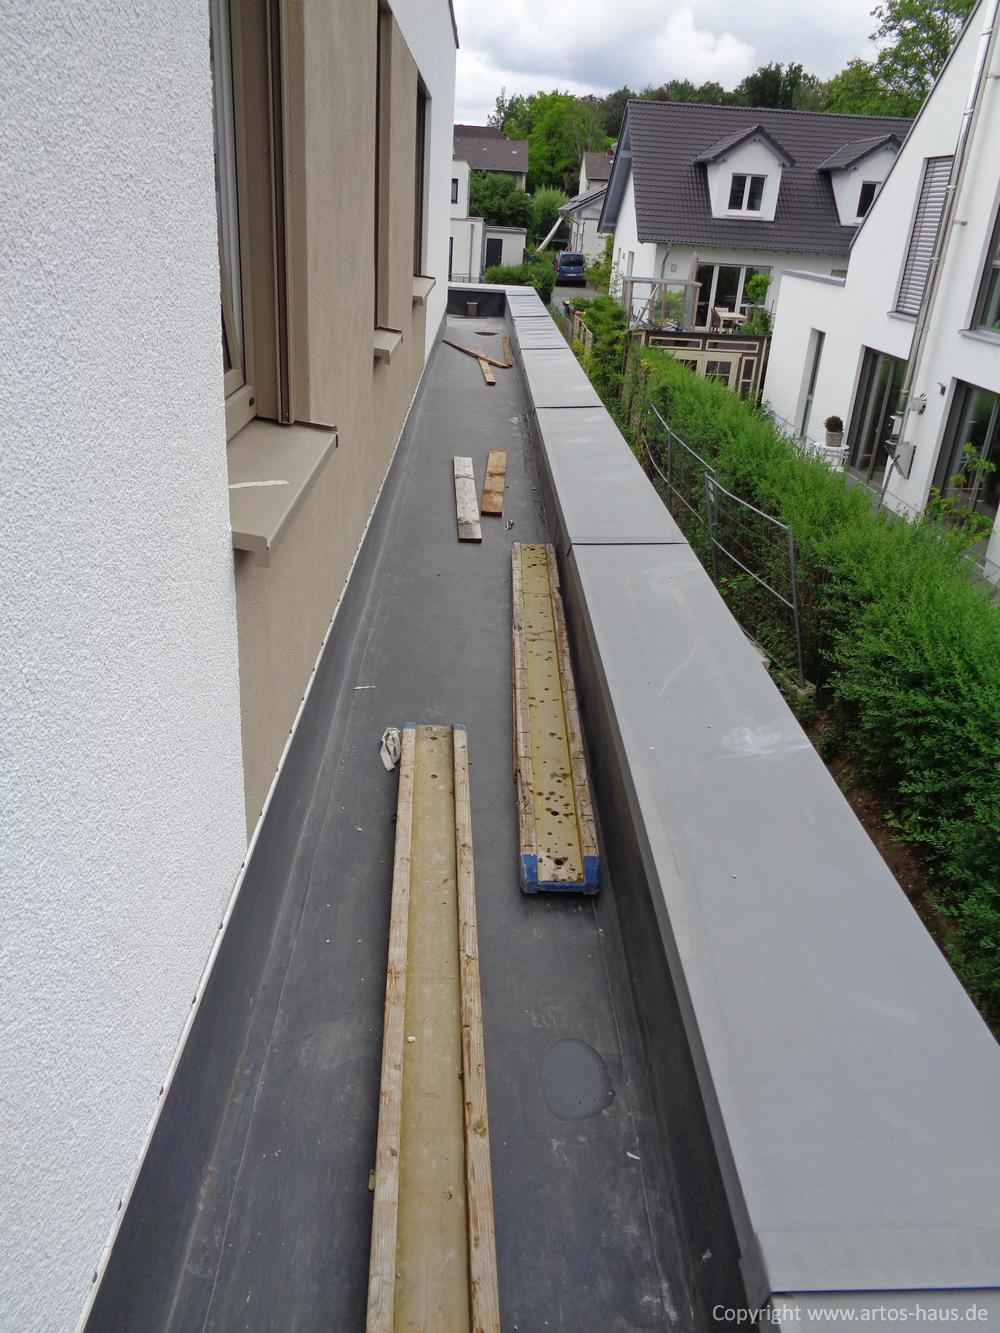 Baustatus Artos Bauvorhaben in Bonn im August 2021, Bild 1